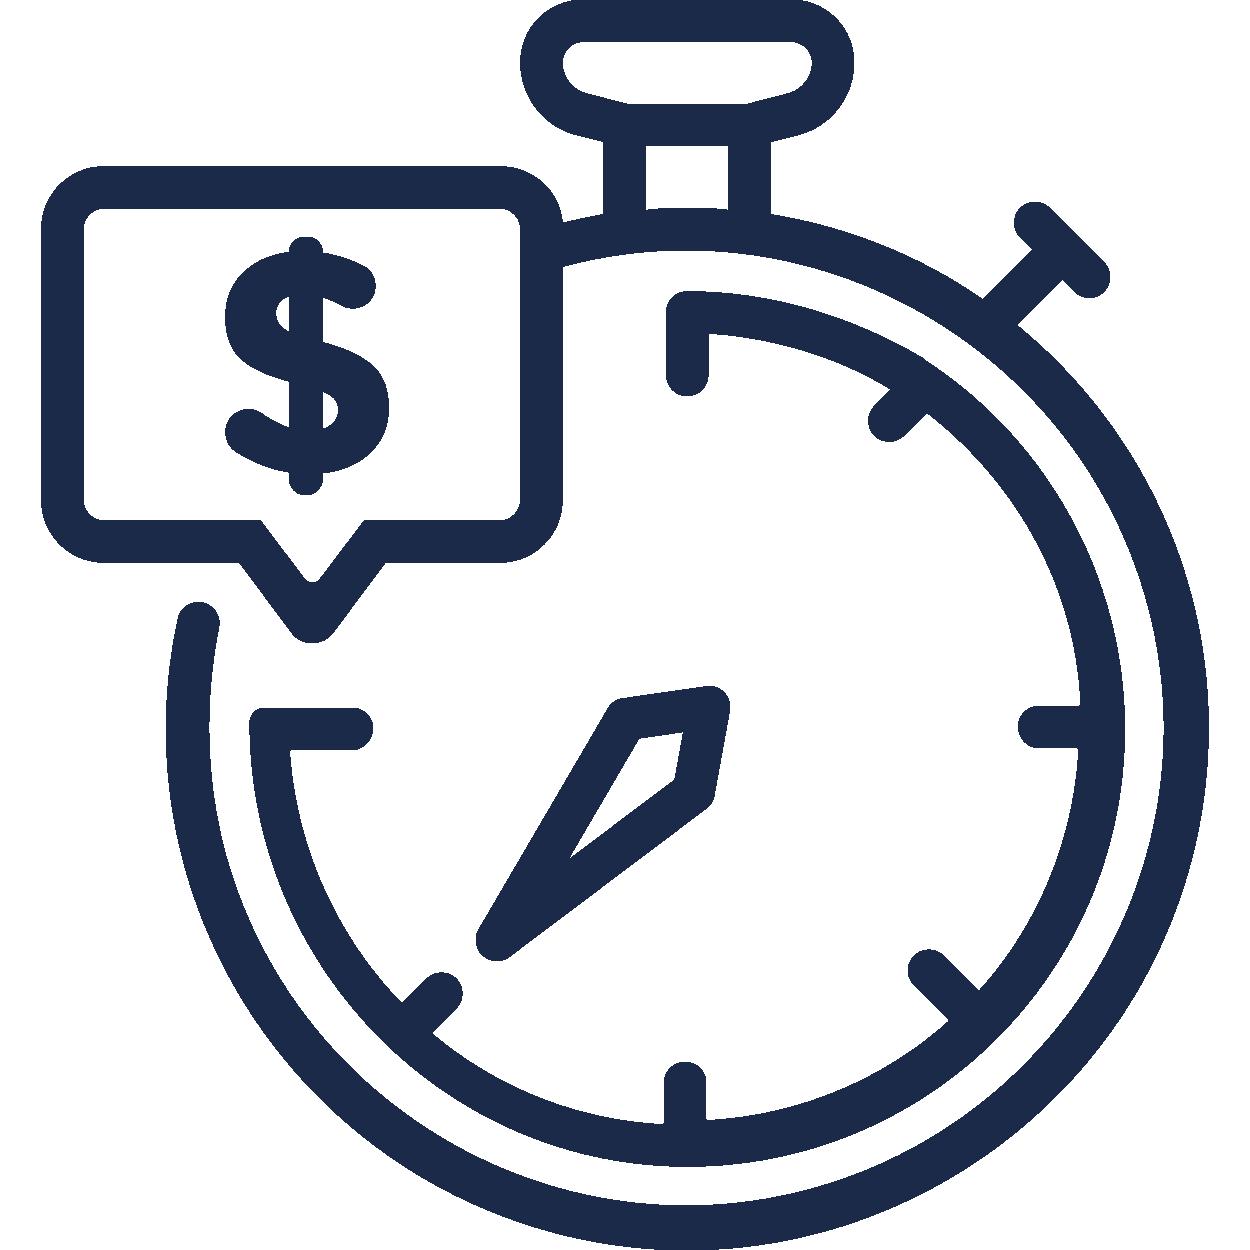 Transaktionstiden icon